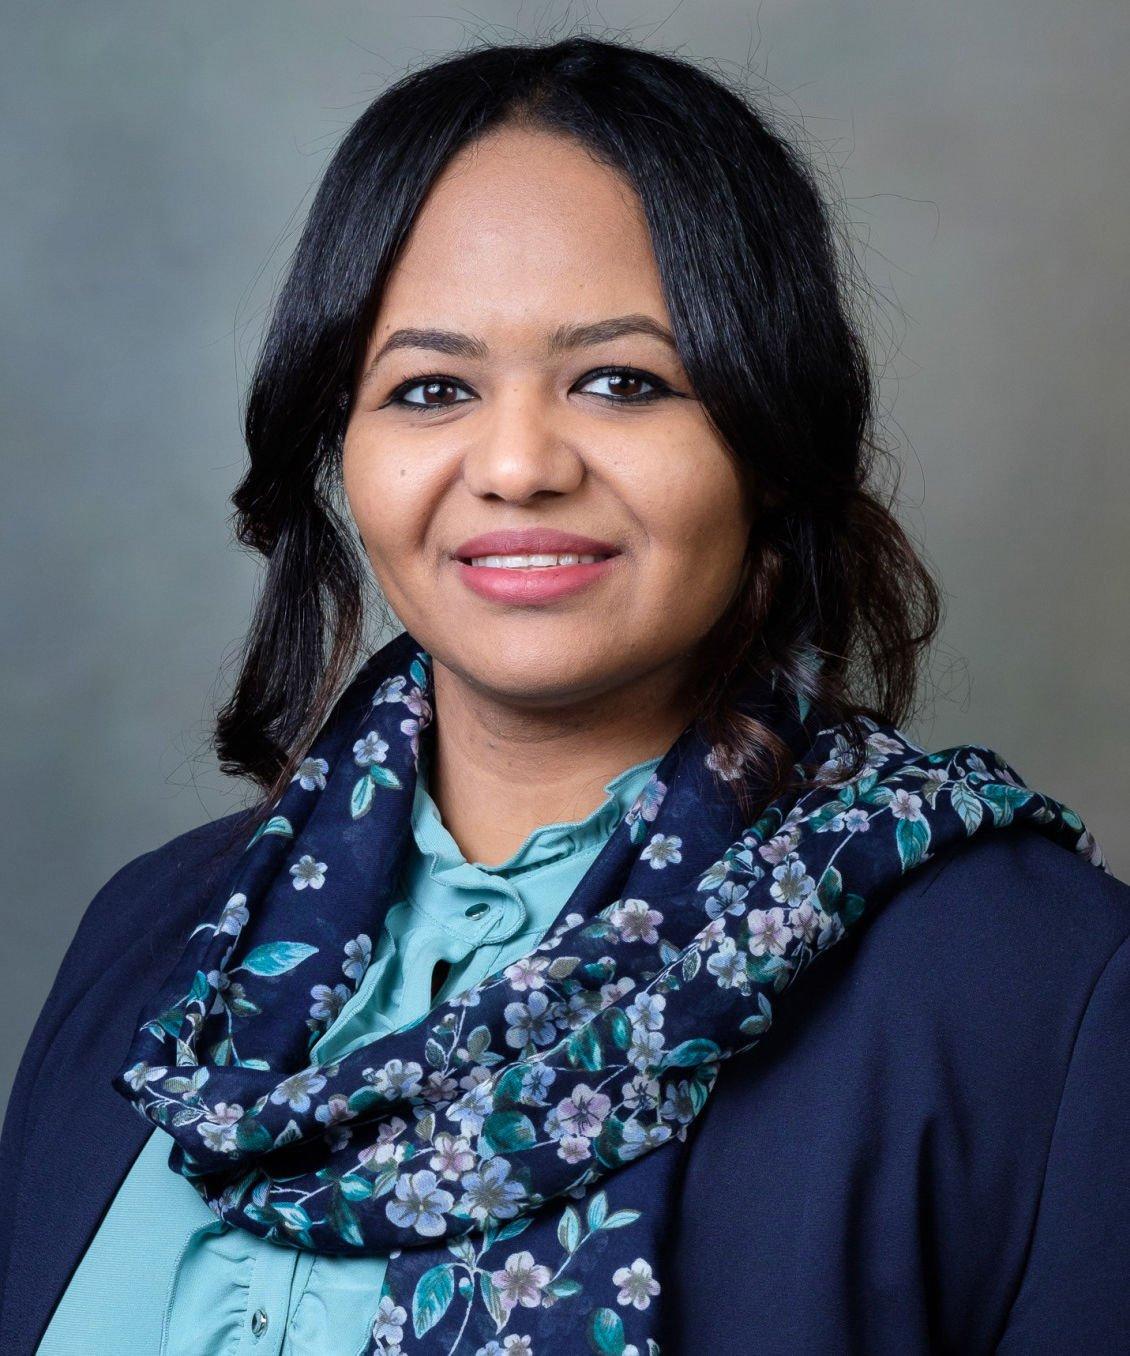 Dr. Azza Ahmed